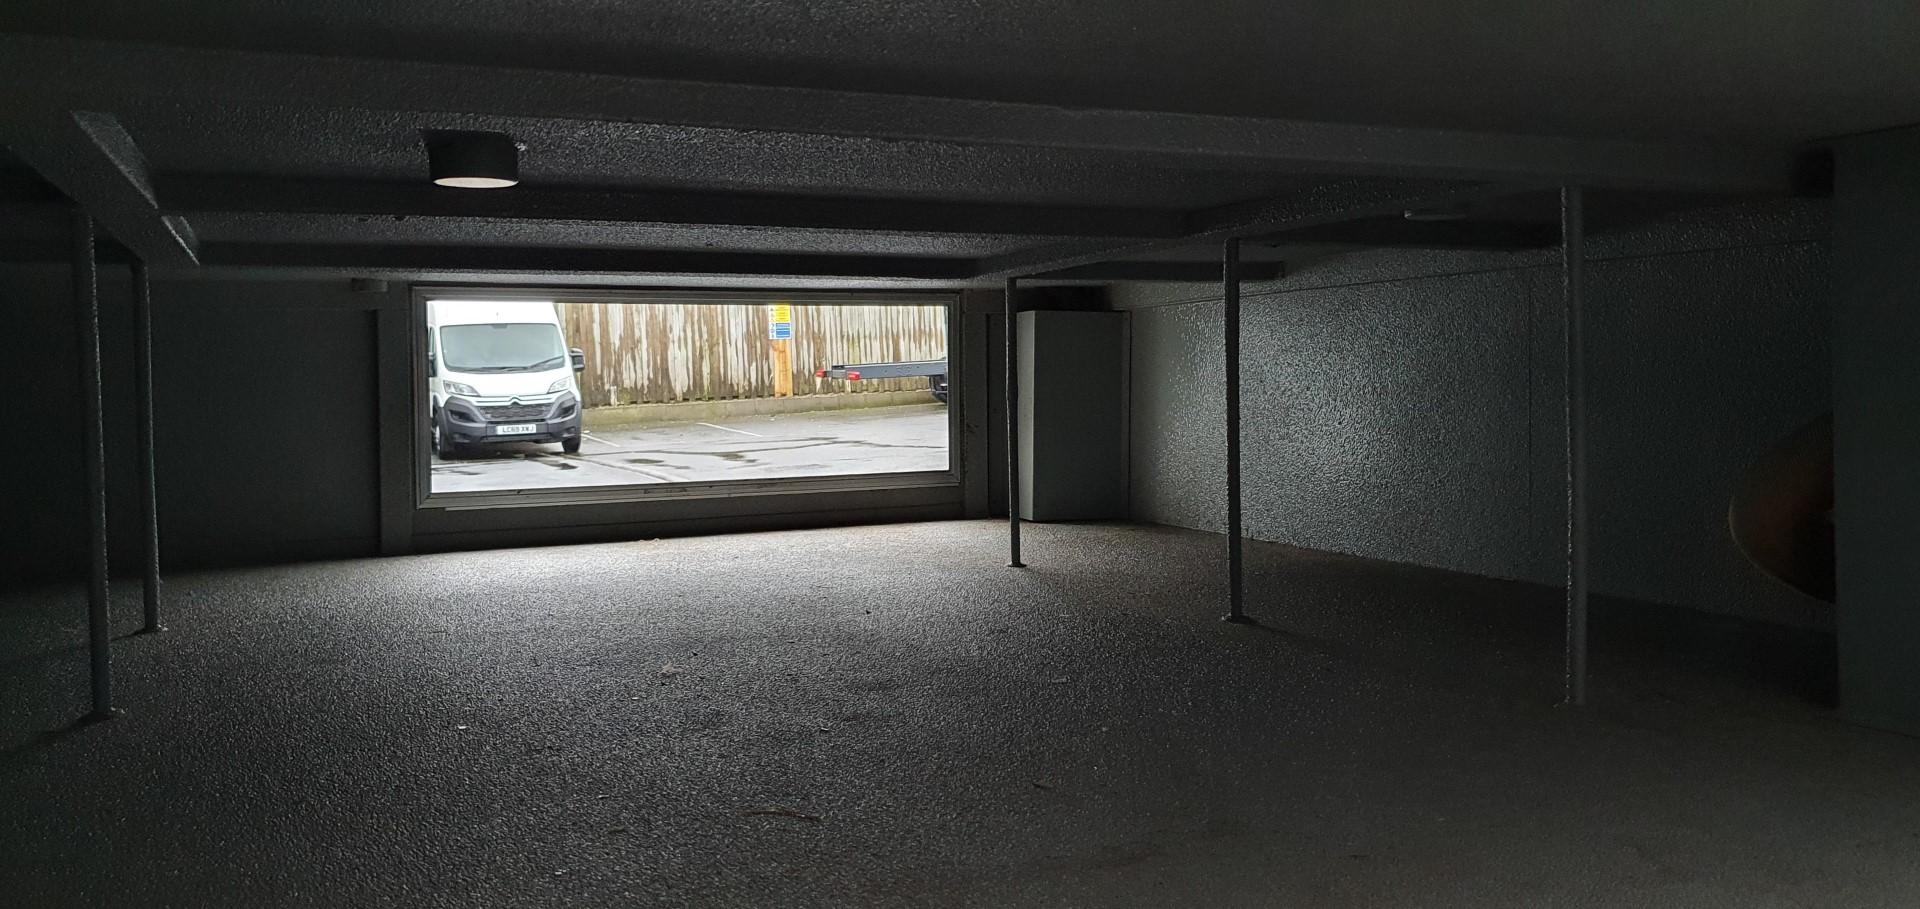 Underfloor storage